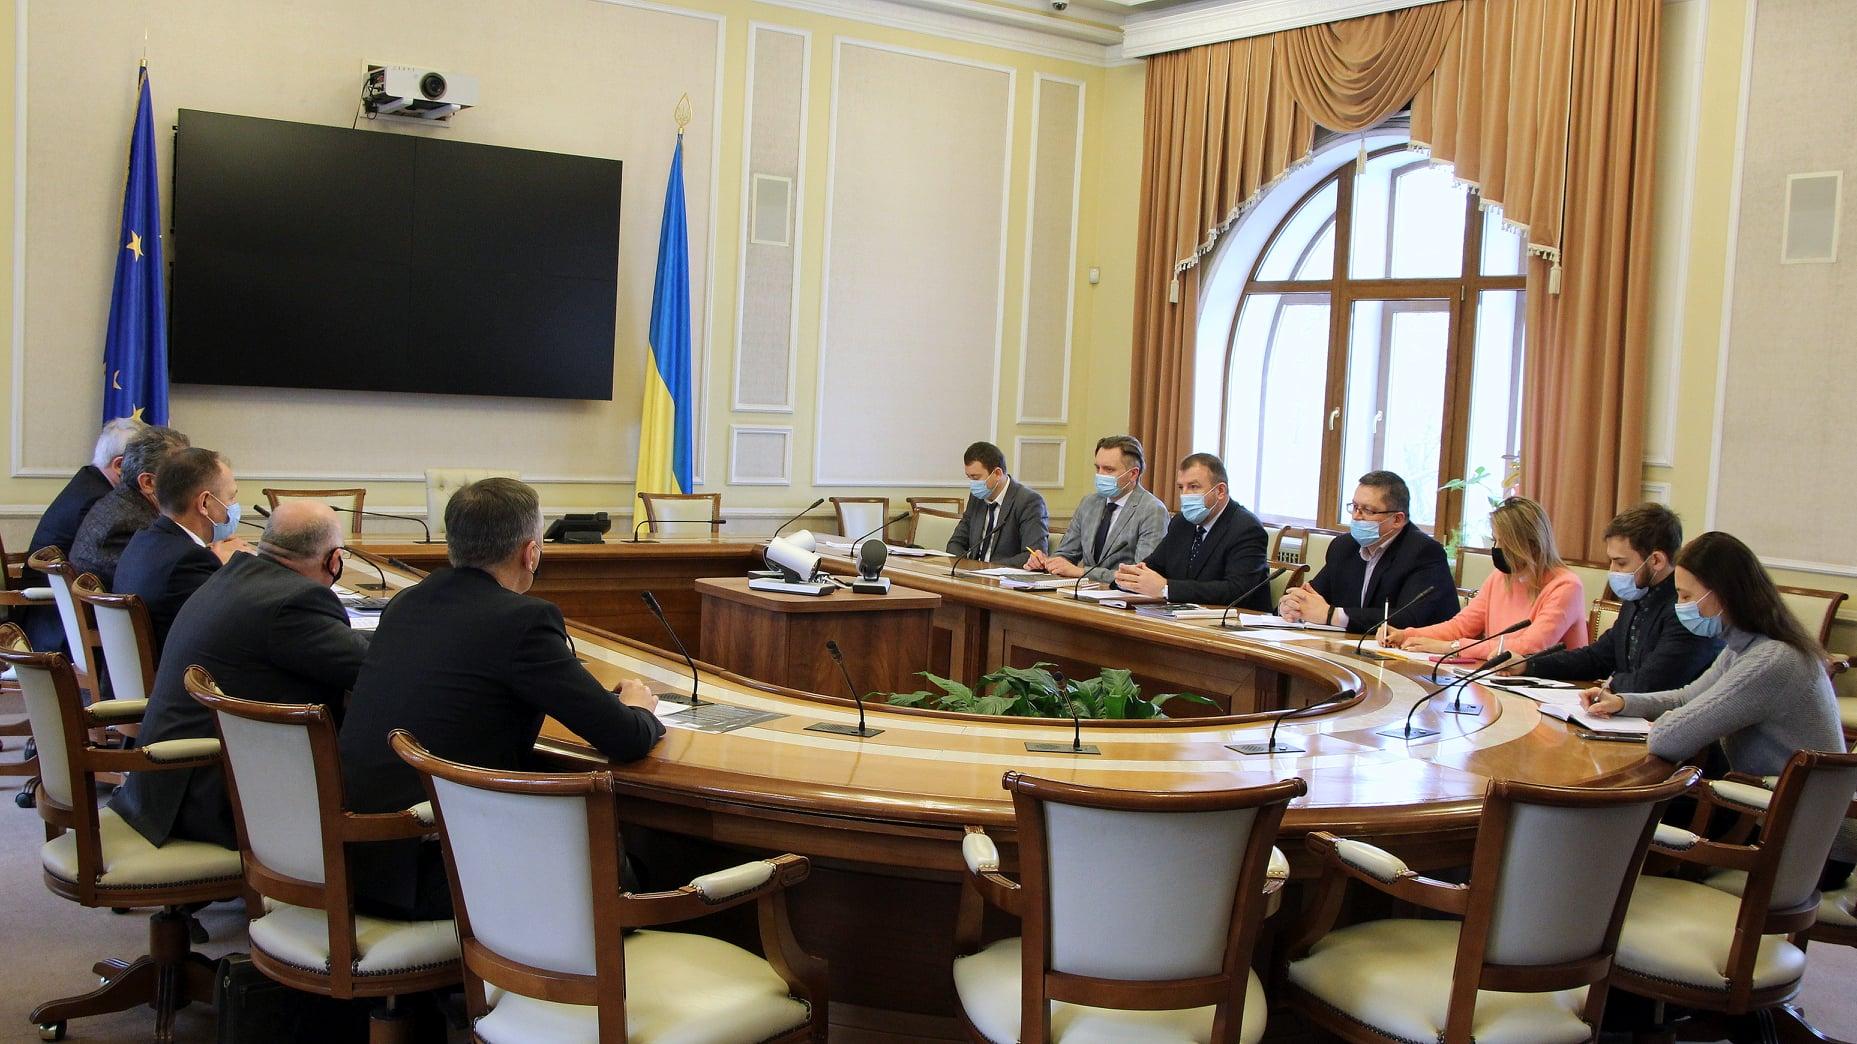 Минэнерго и чешская компания рассматривают возможность строительства в Украине малых модульных атомных реакторов